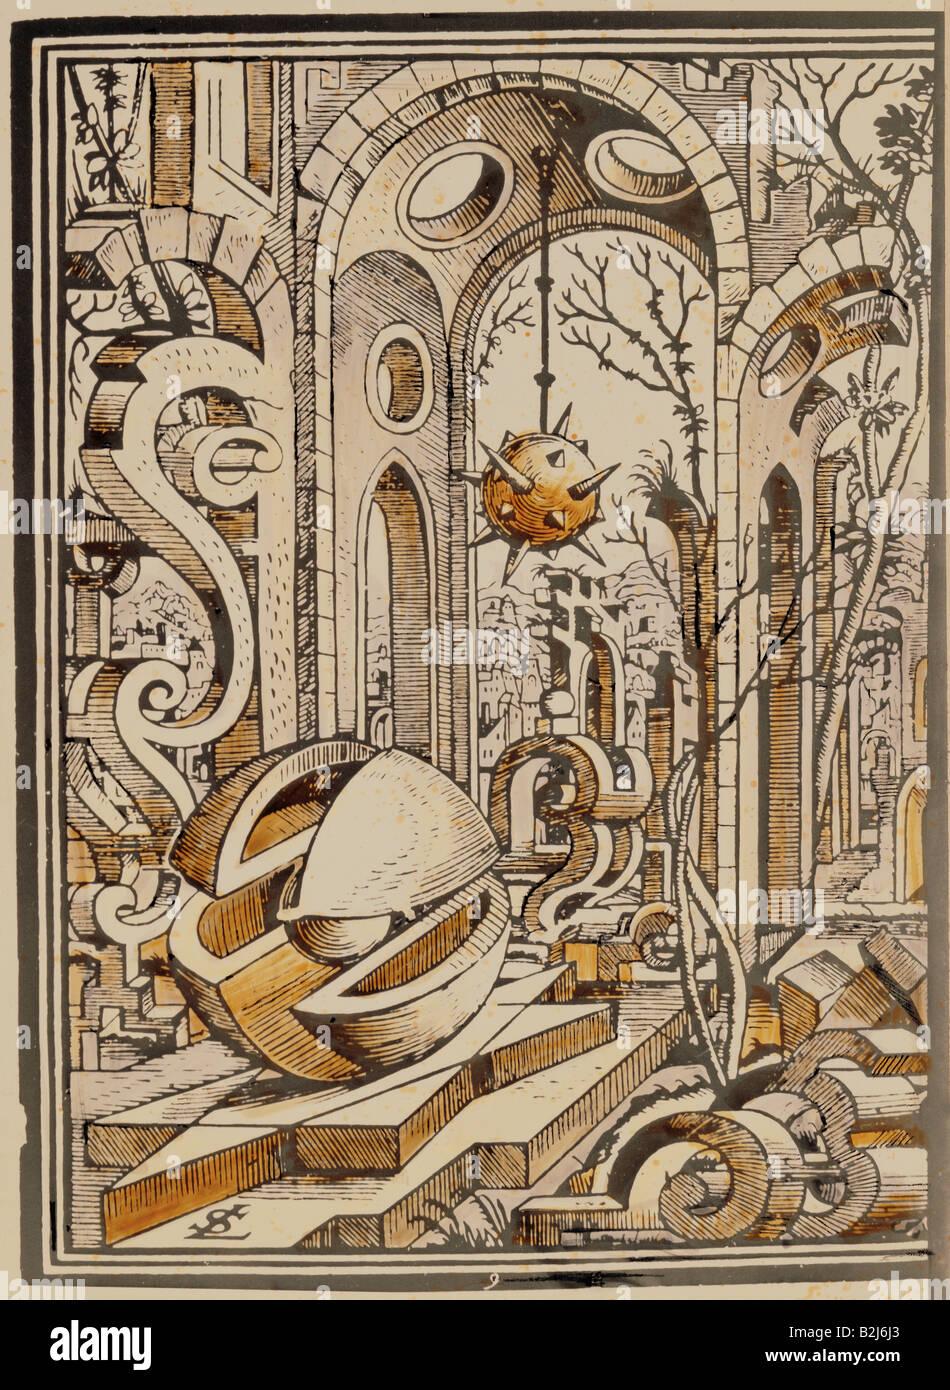 La scienza, geometria, paesaggio geometrico, incisione su rame, 'Geometria et Perspectiva' da Lorenz Stoer, Immagini Stock